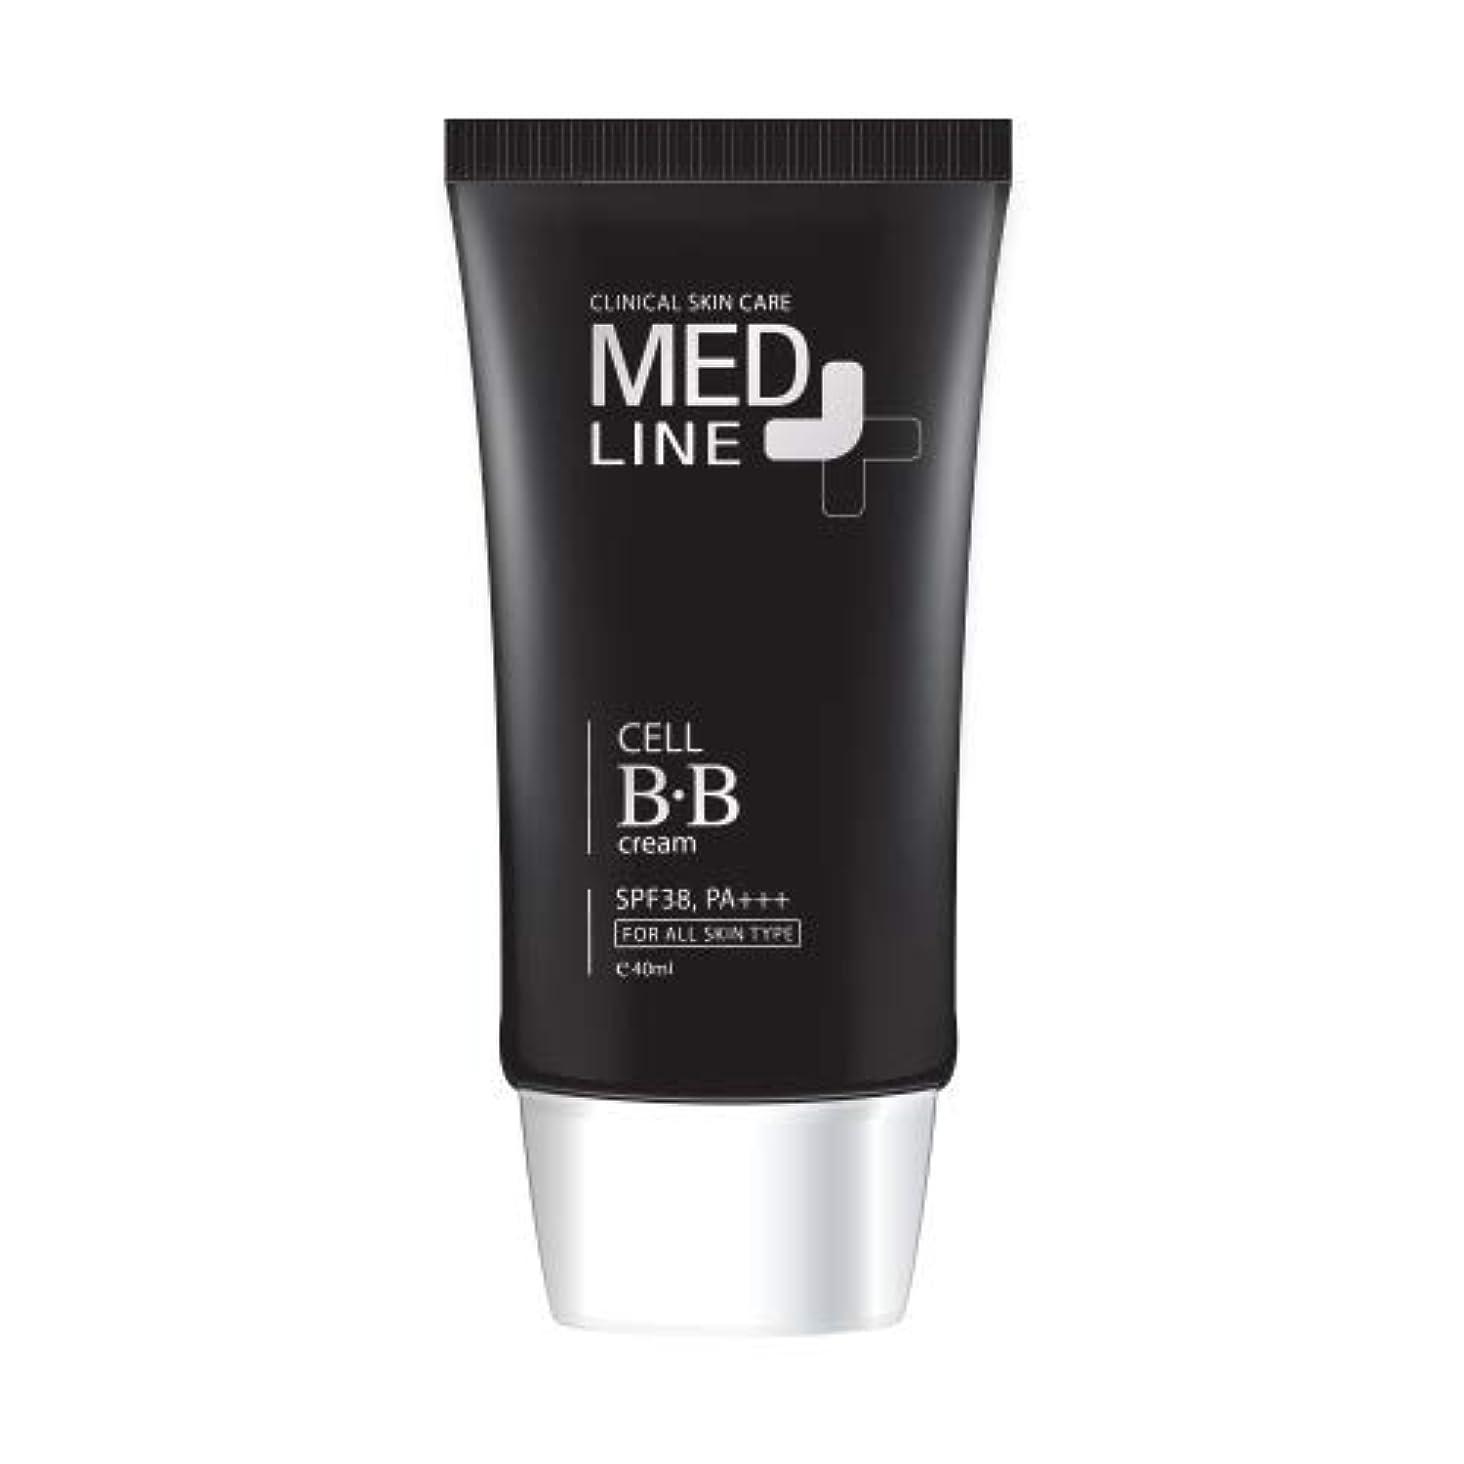 被害者ワーディアンケースアンカーメドライン(Med Line) セルBBクリーム(Cell B.B Cream)